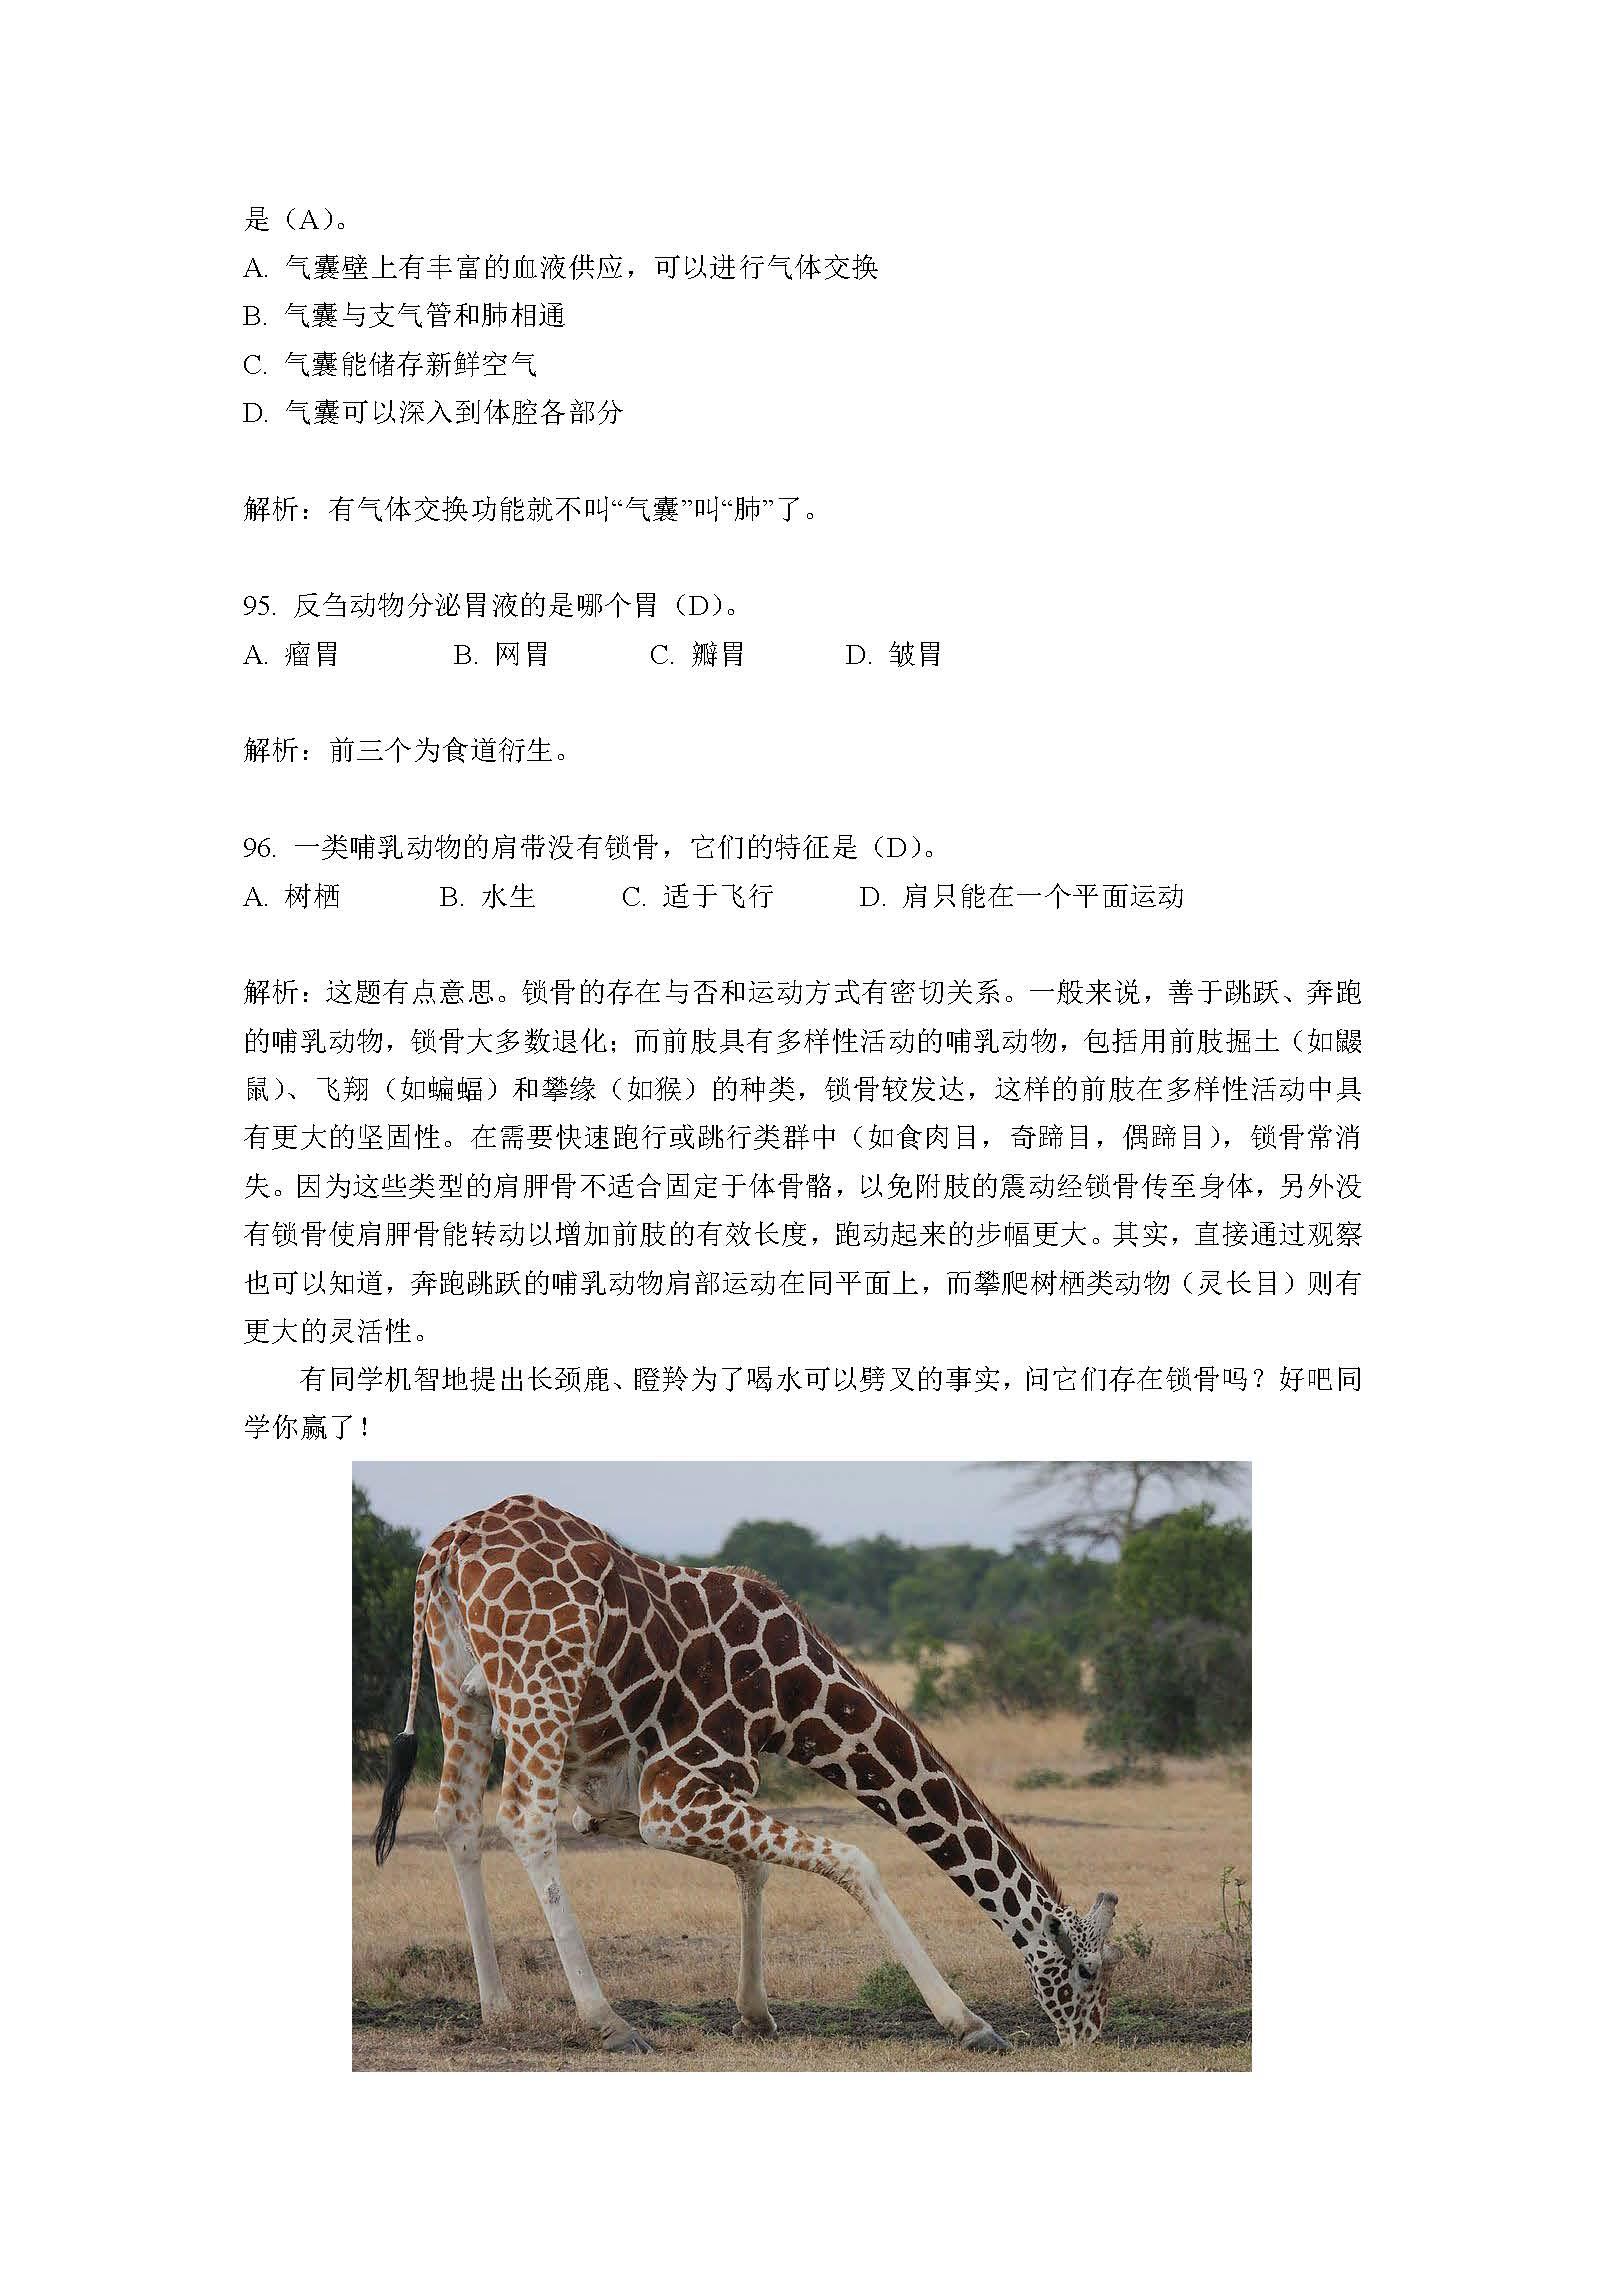 05 2015清华金秋营笔试模拟题答案简析_页面_29